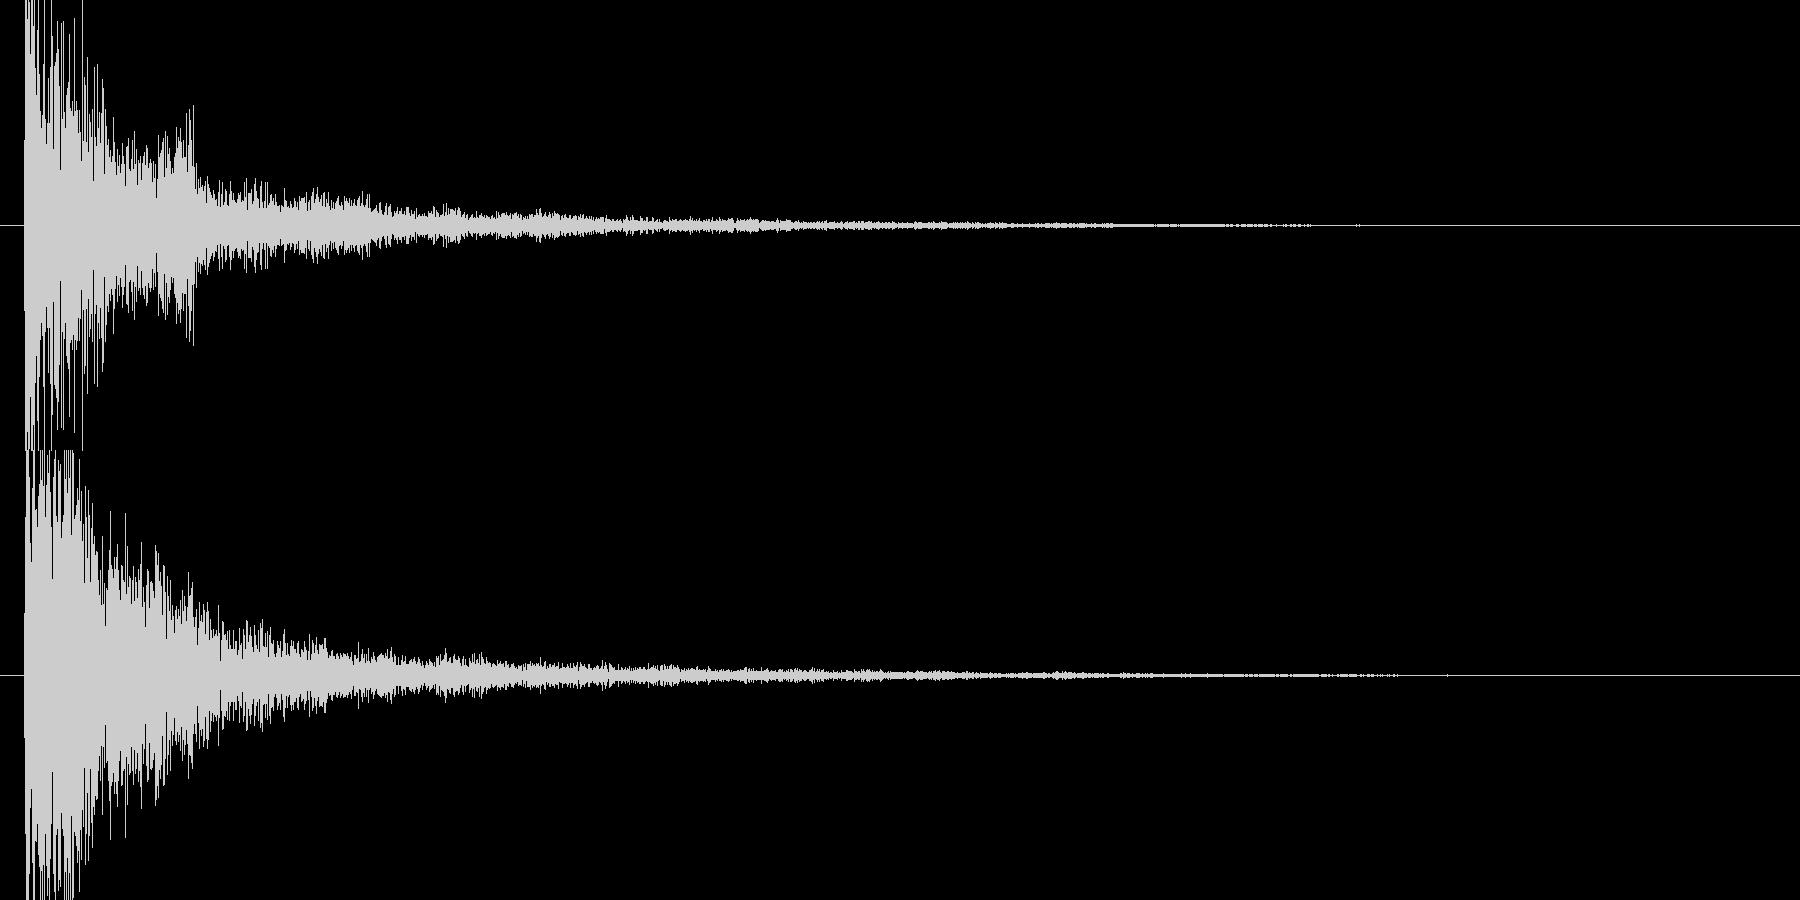 ジャーン和風スタートクリックの未再生の波形